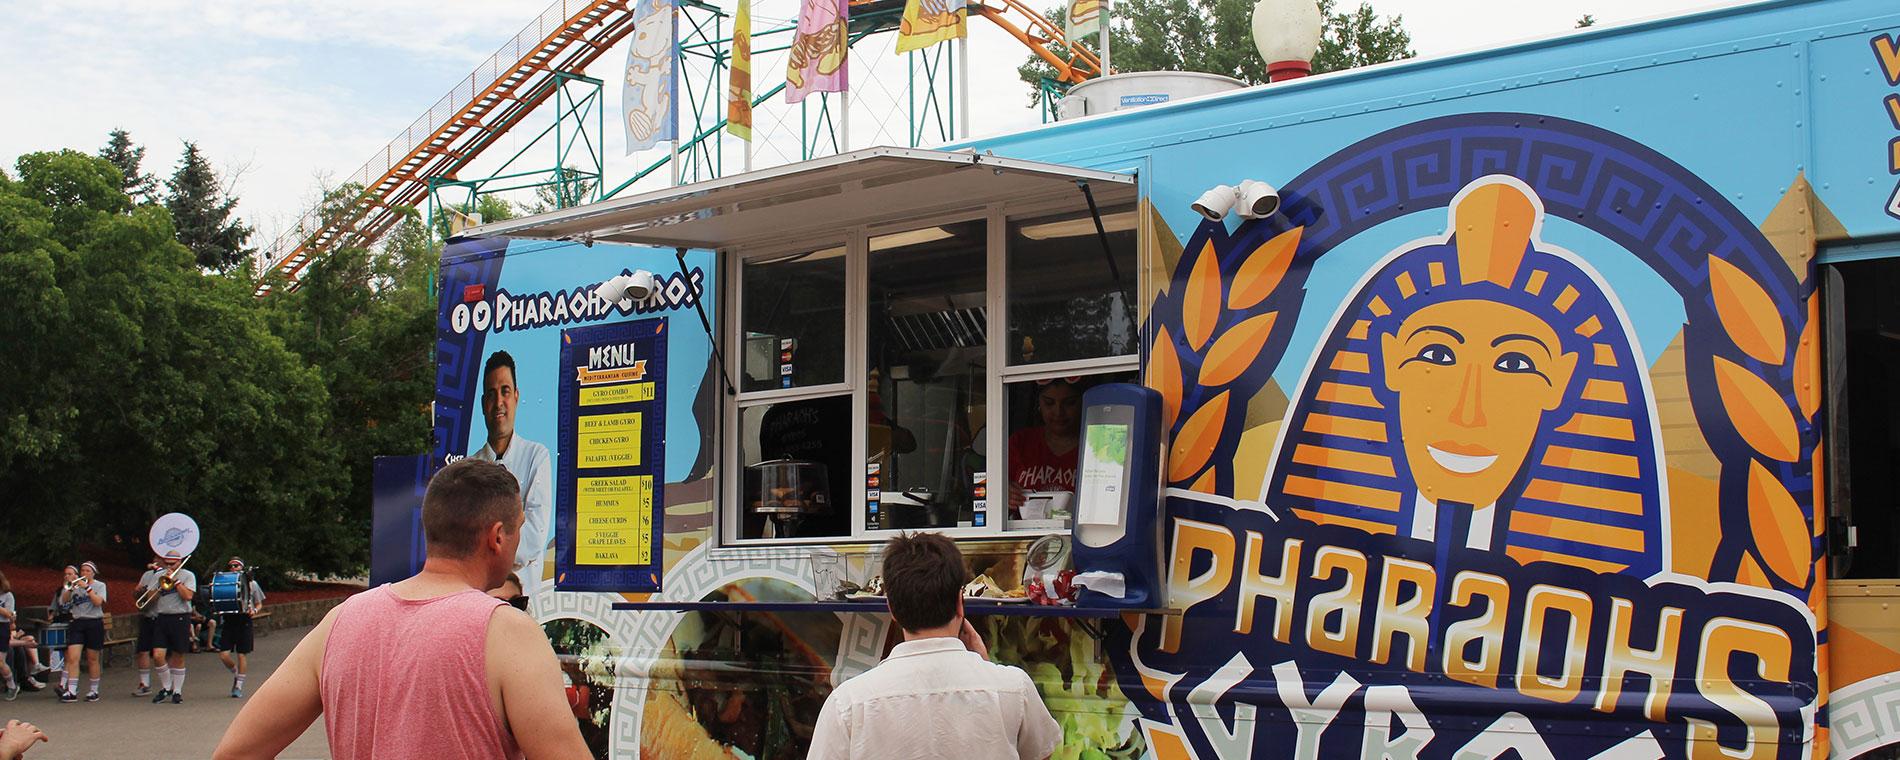 Eagan Food Truck Festival